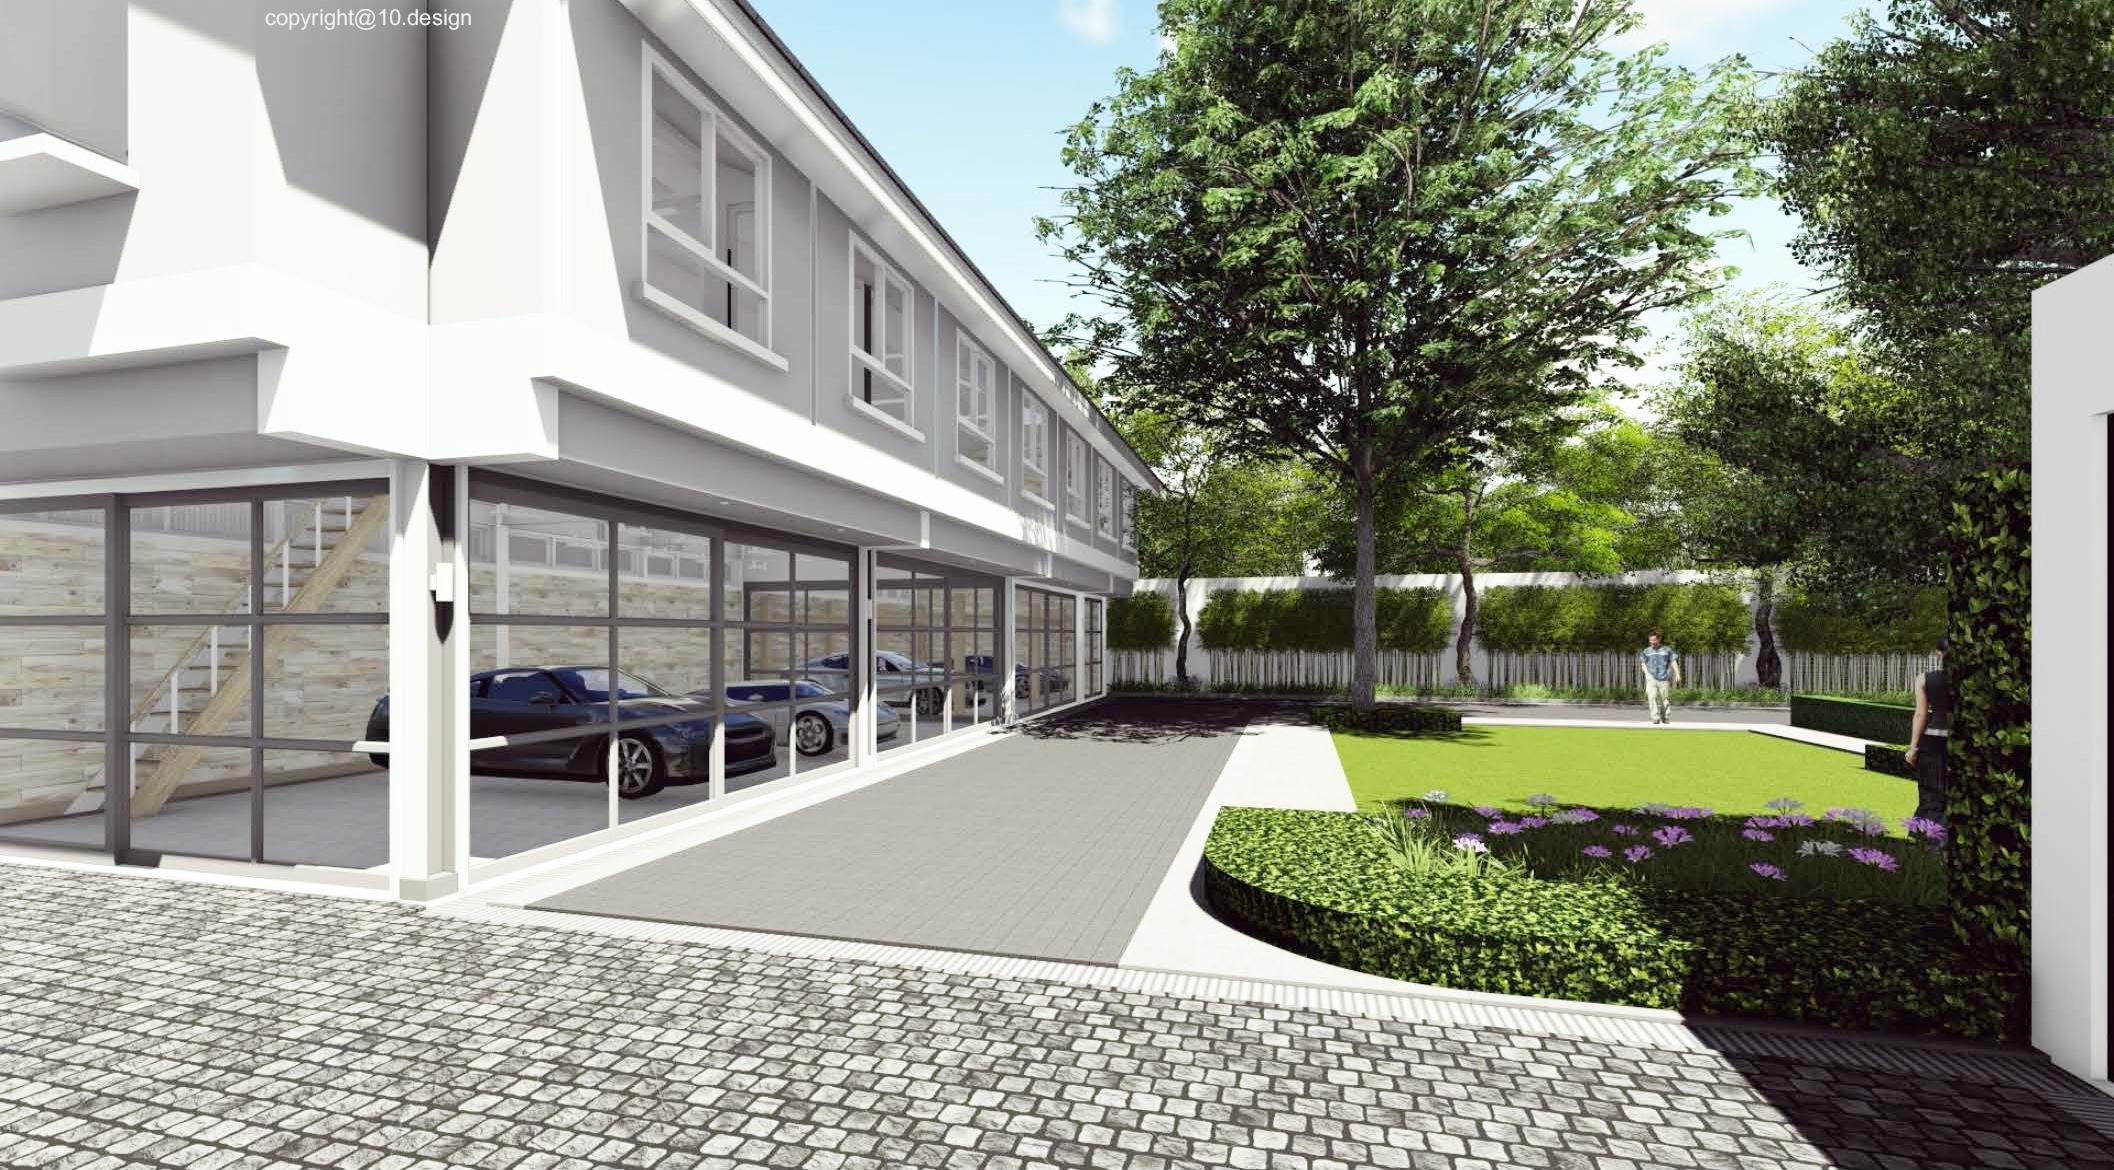 issara residence 10 design landscape architect 07